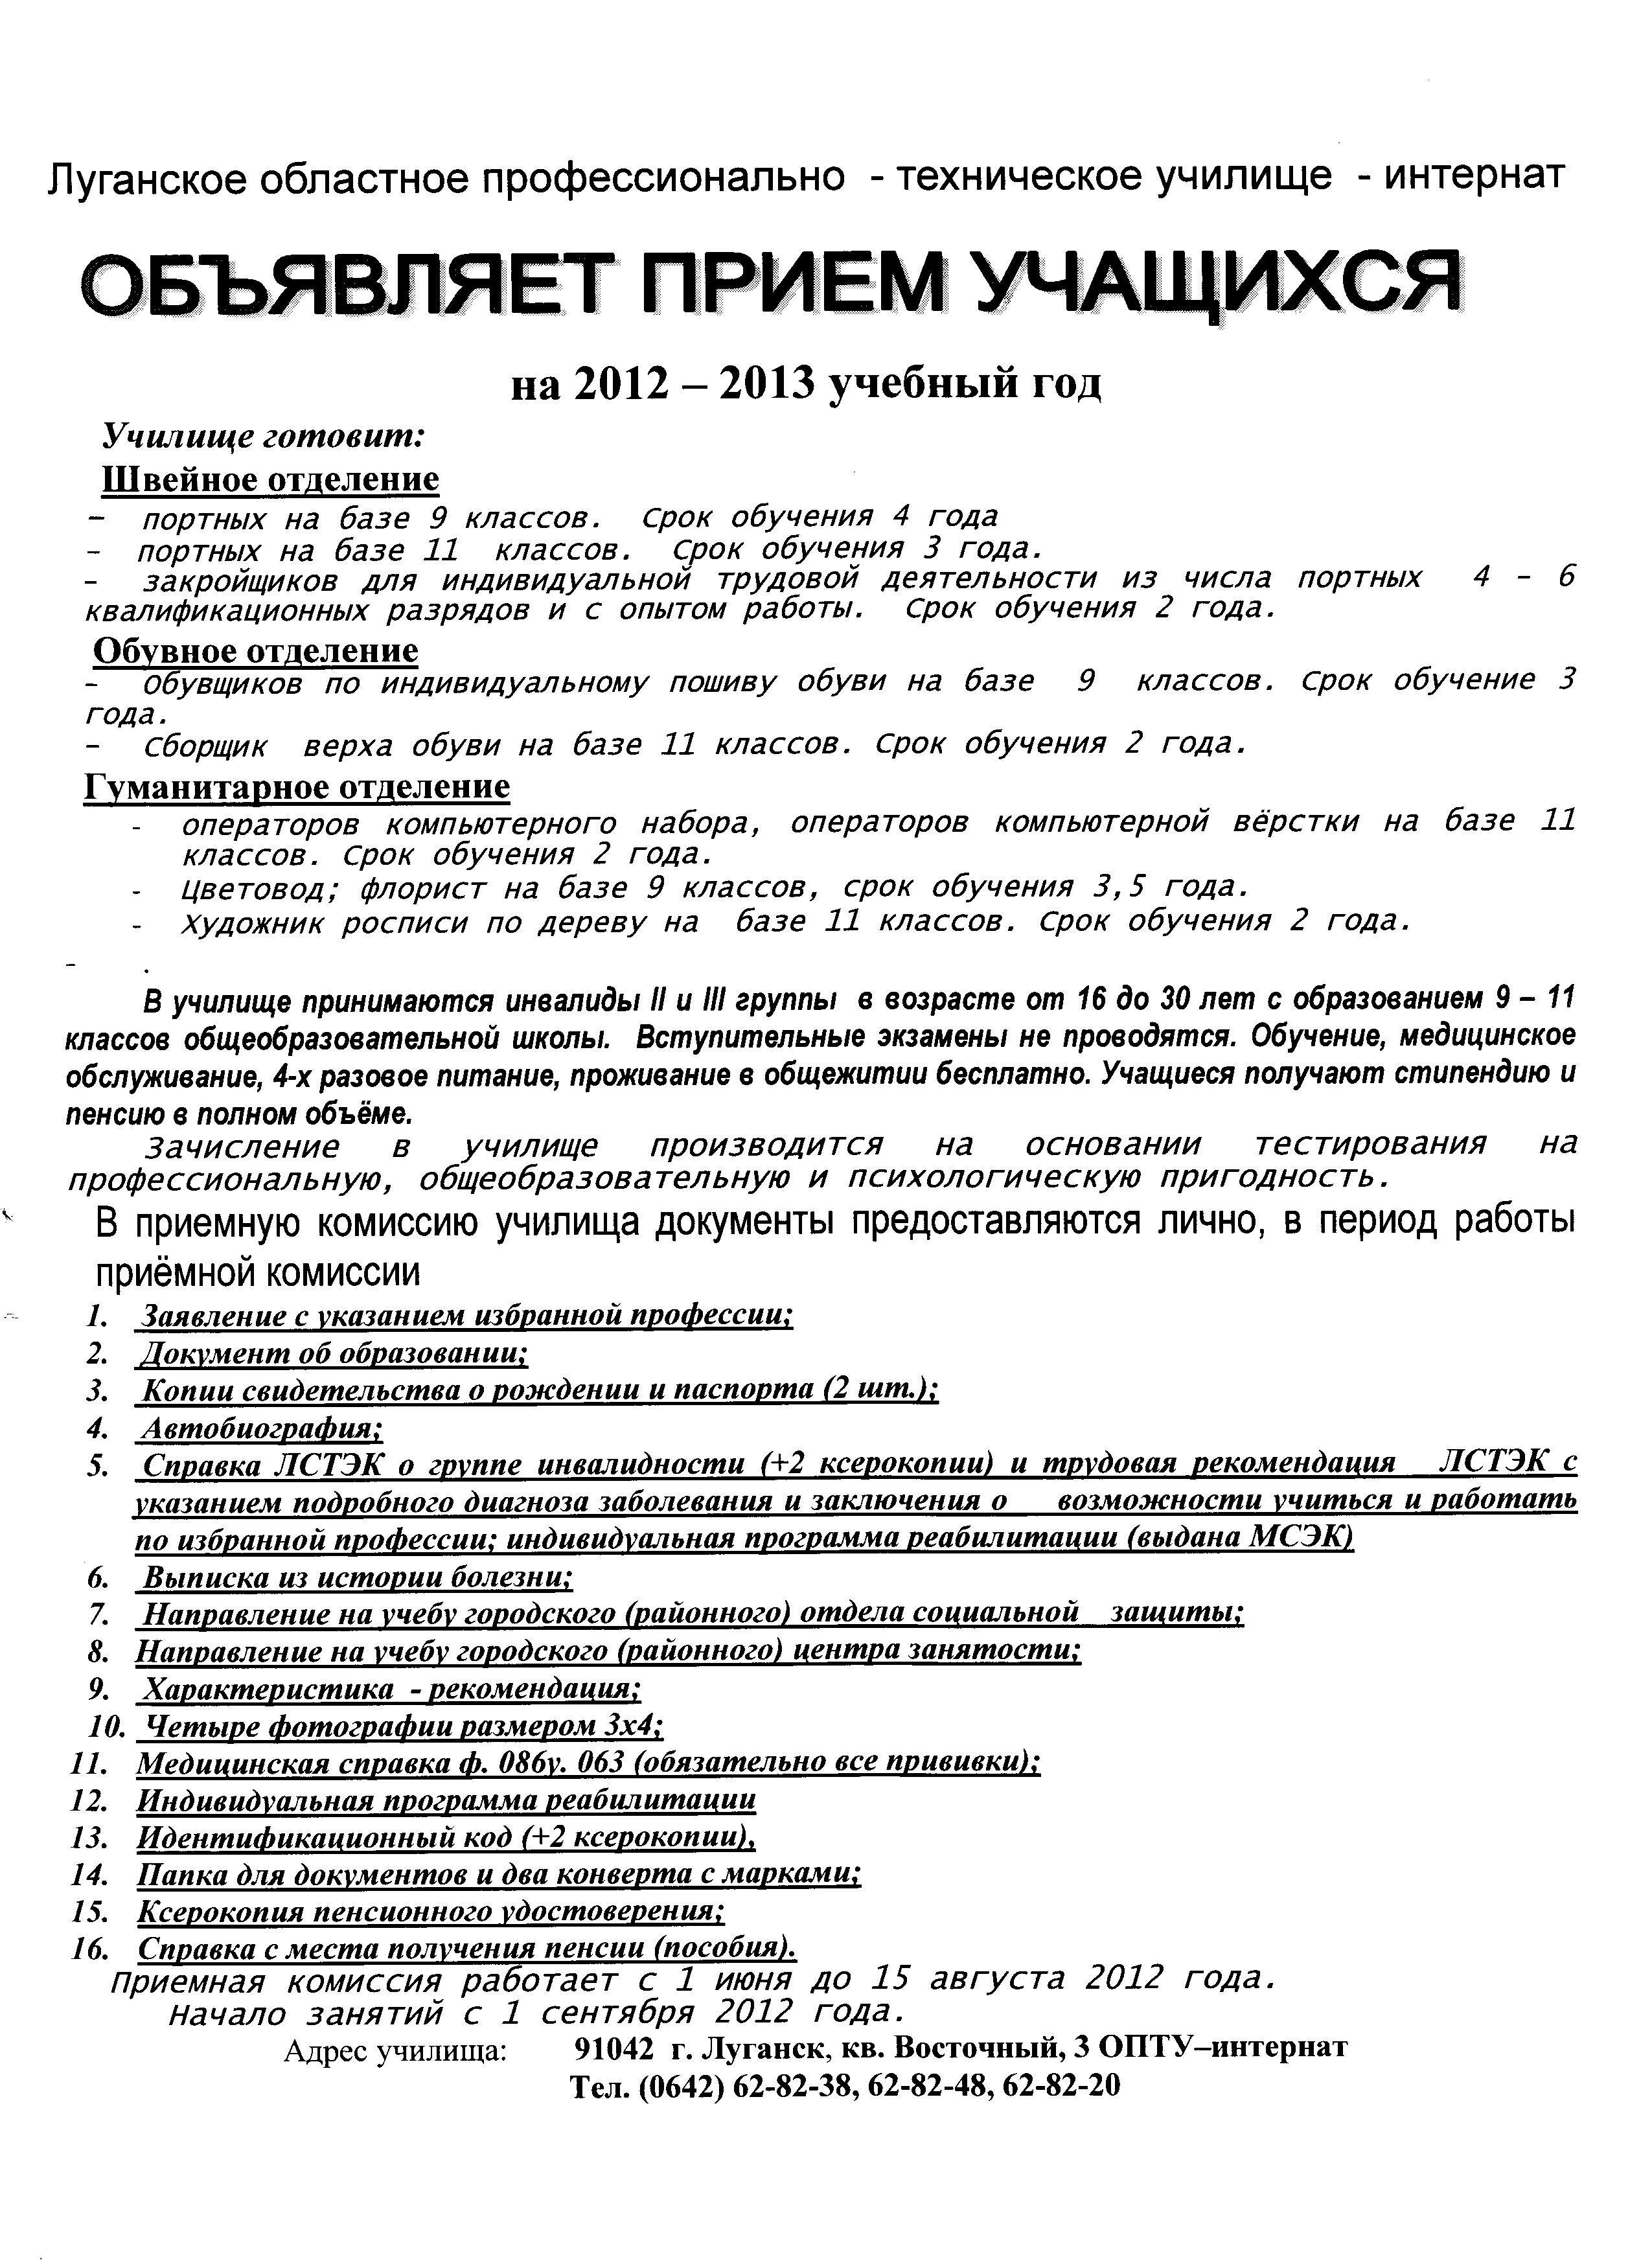 бланк податкової накладної з 16.12.11